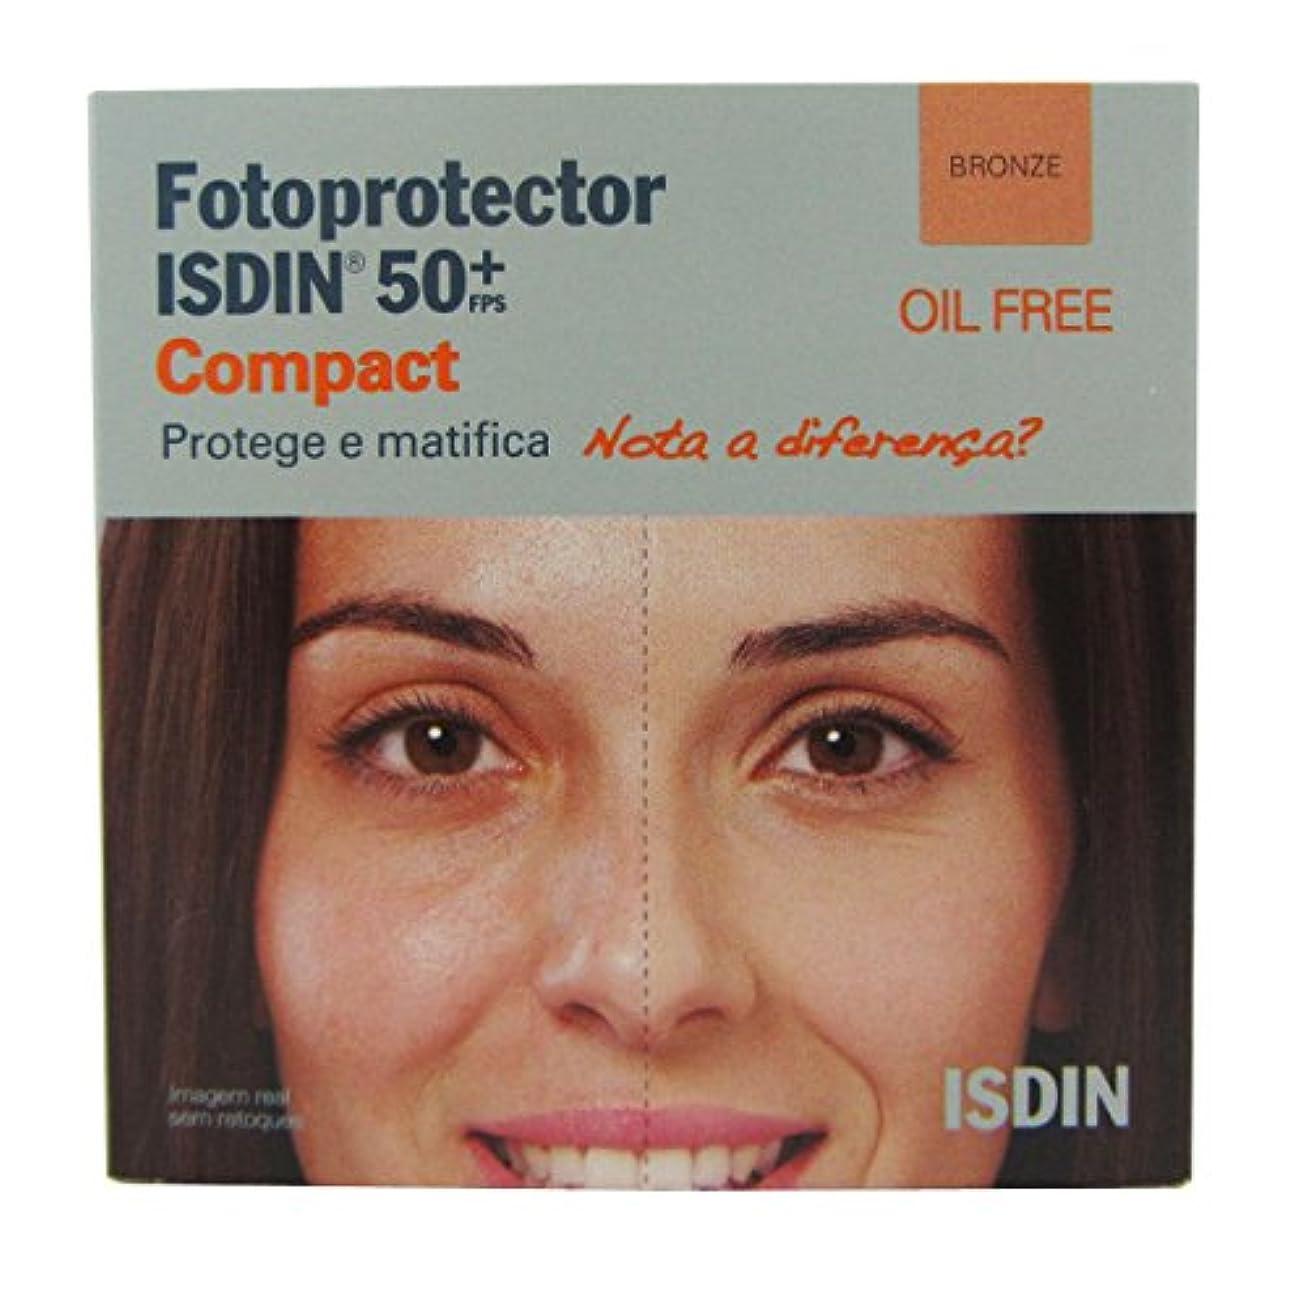 タオルスパン上昇Isdin Photoprotector Compact 50+ Bronz 10g [並行輸入品]